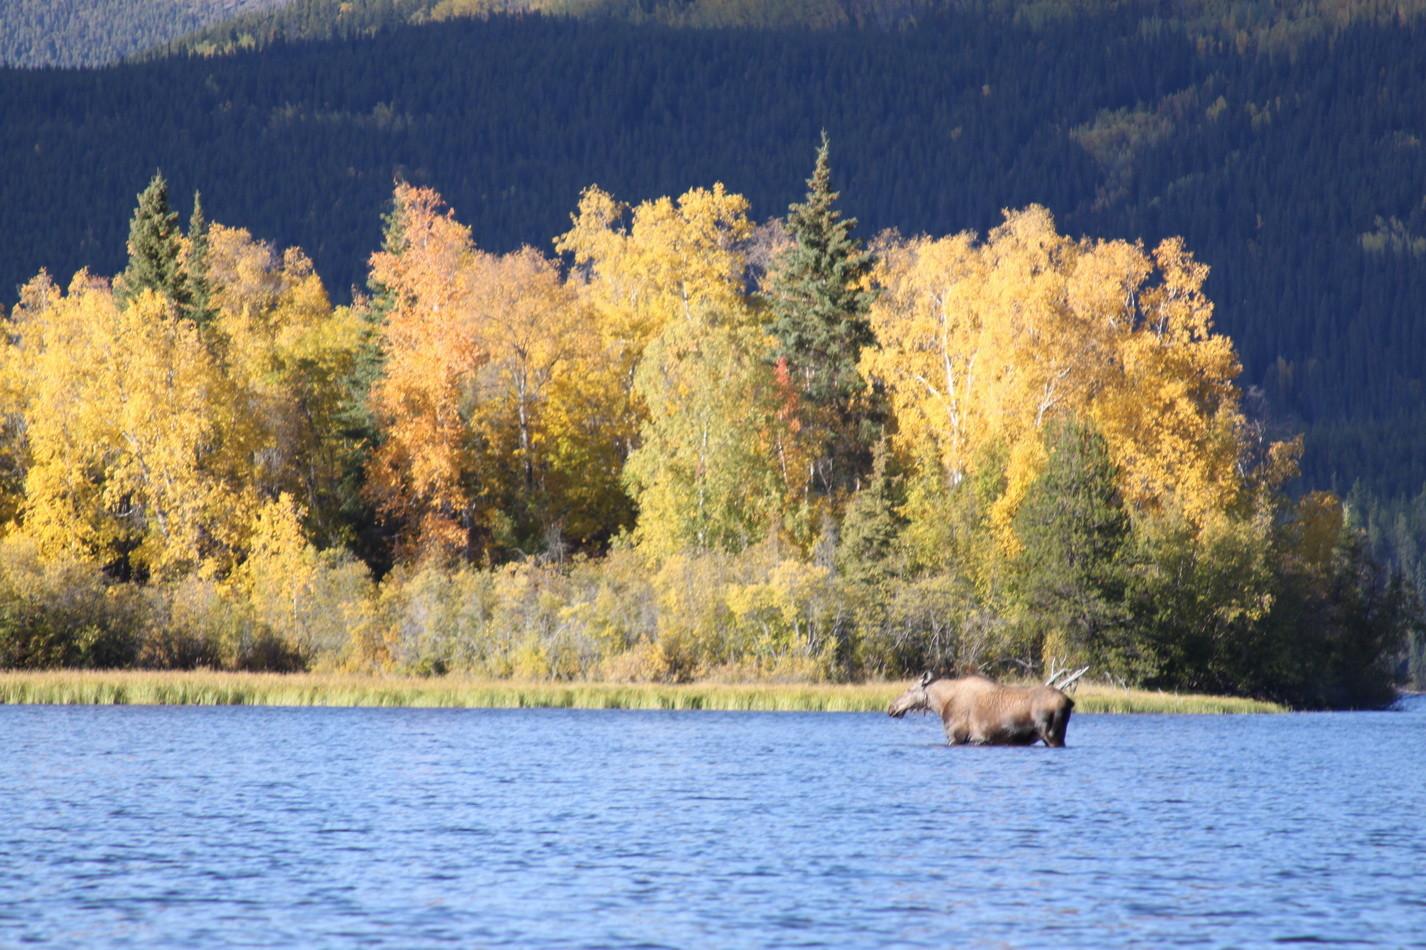 Die ersten Elche im Big Salmon Lake